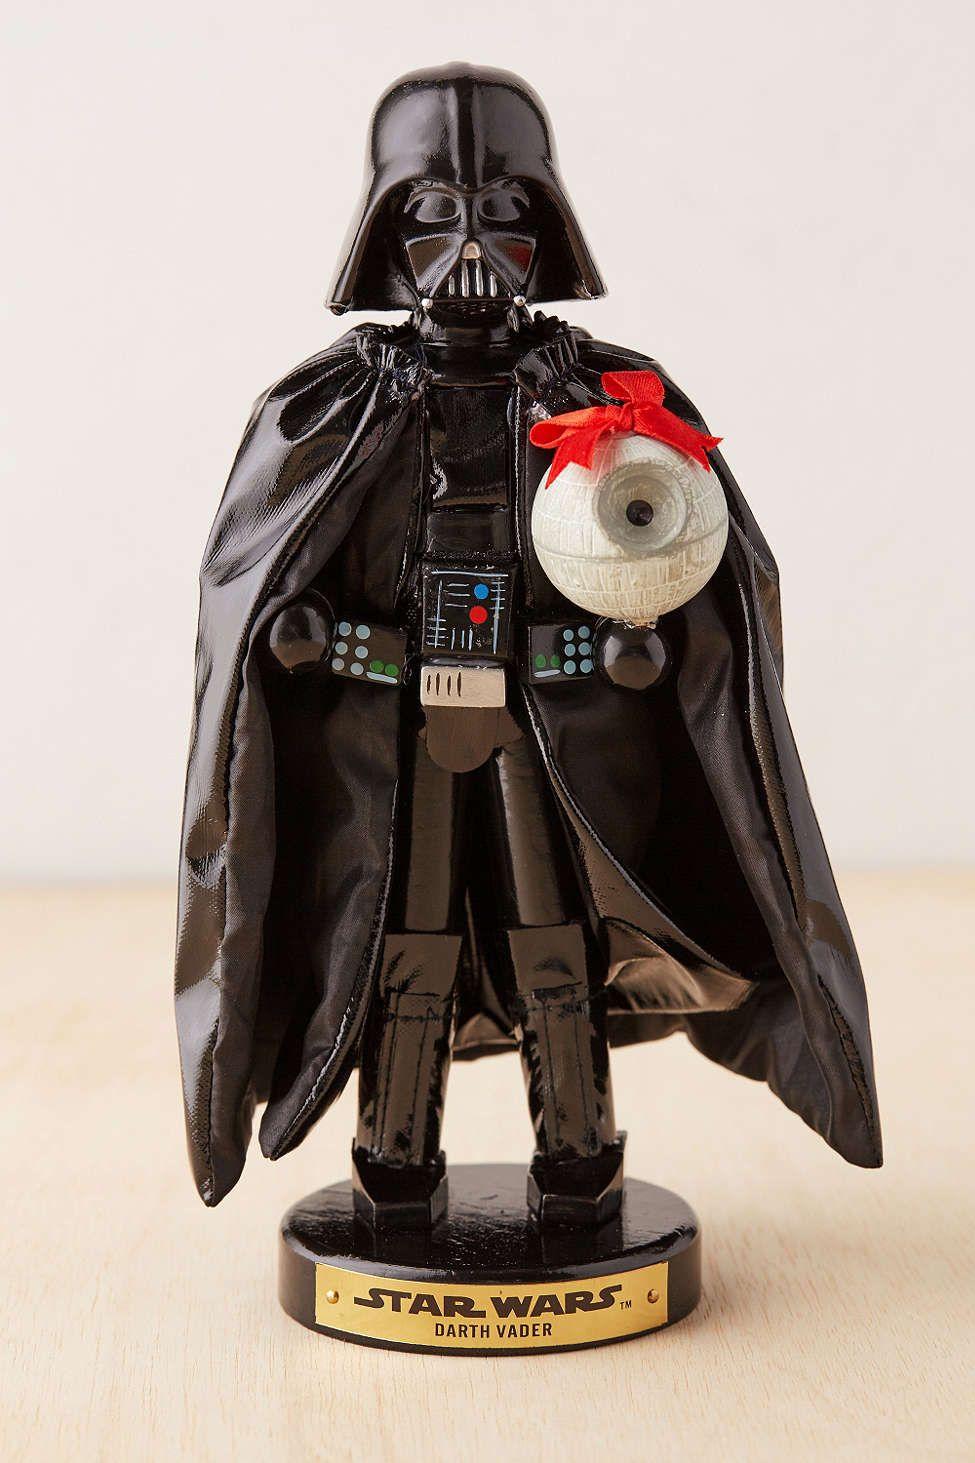 Darth Vader Nutcracker Hottest Star Wars Holiday